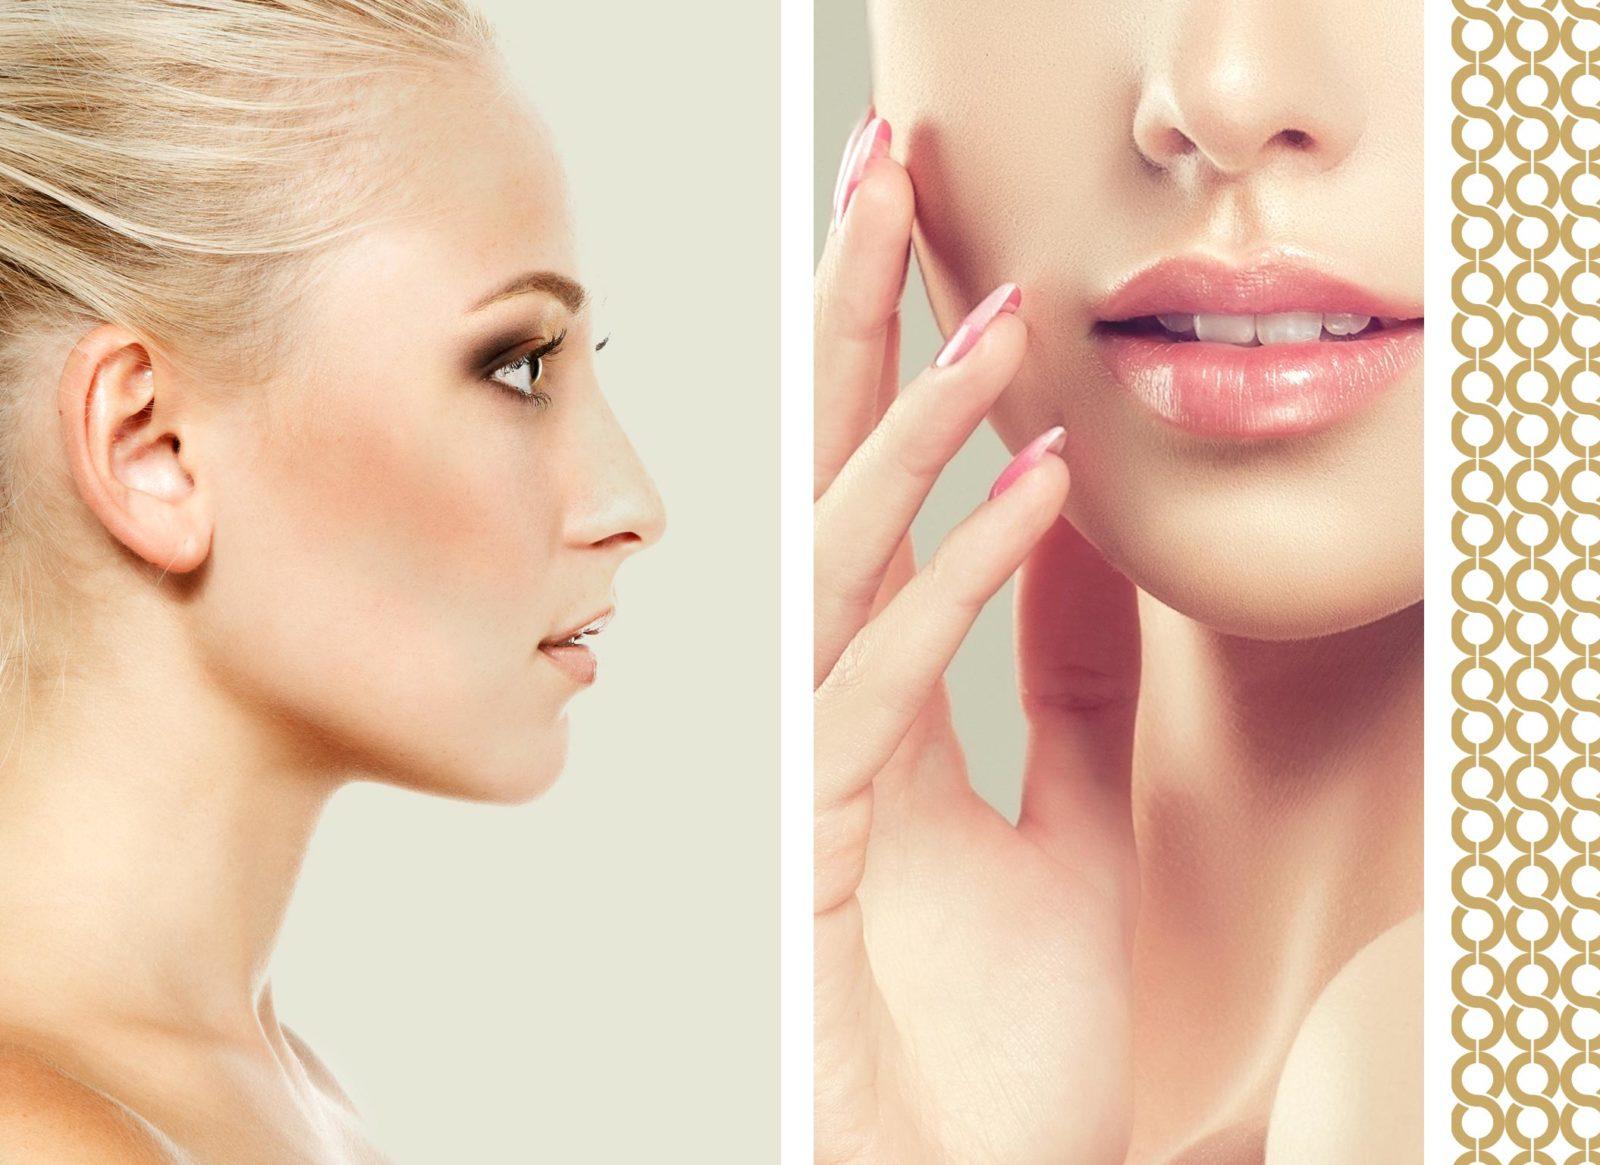 Visage de femme pour la Chirurgie Esthétique du visage | Dr Petit Paris 8